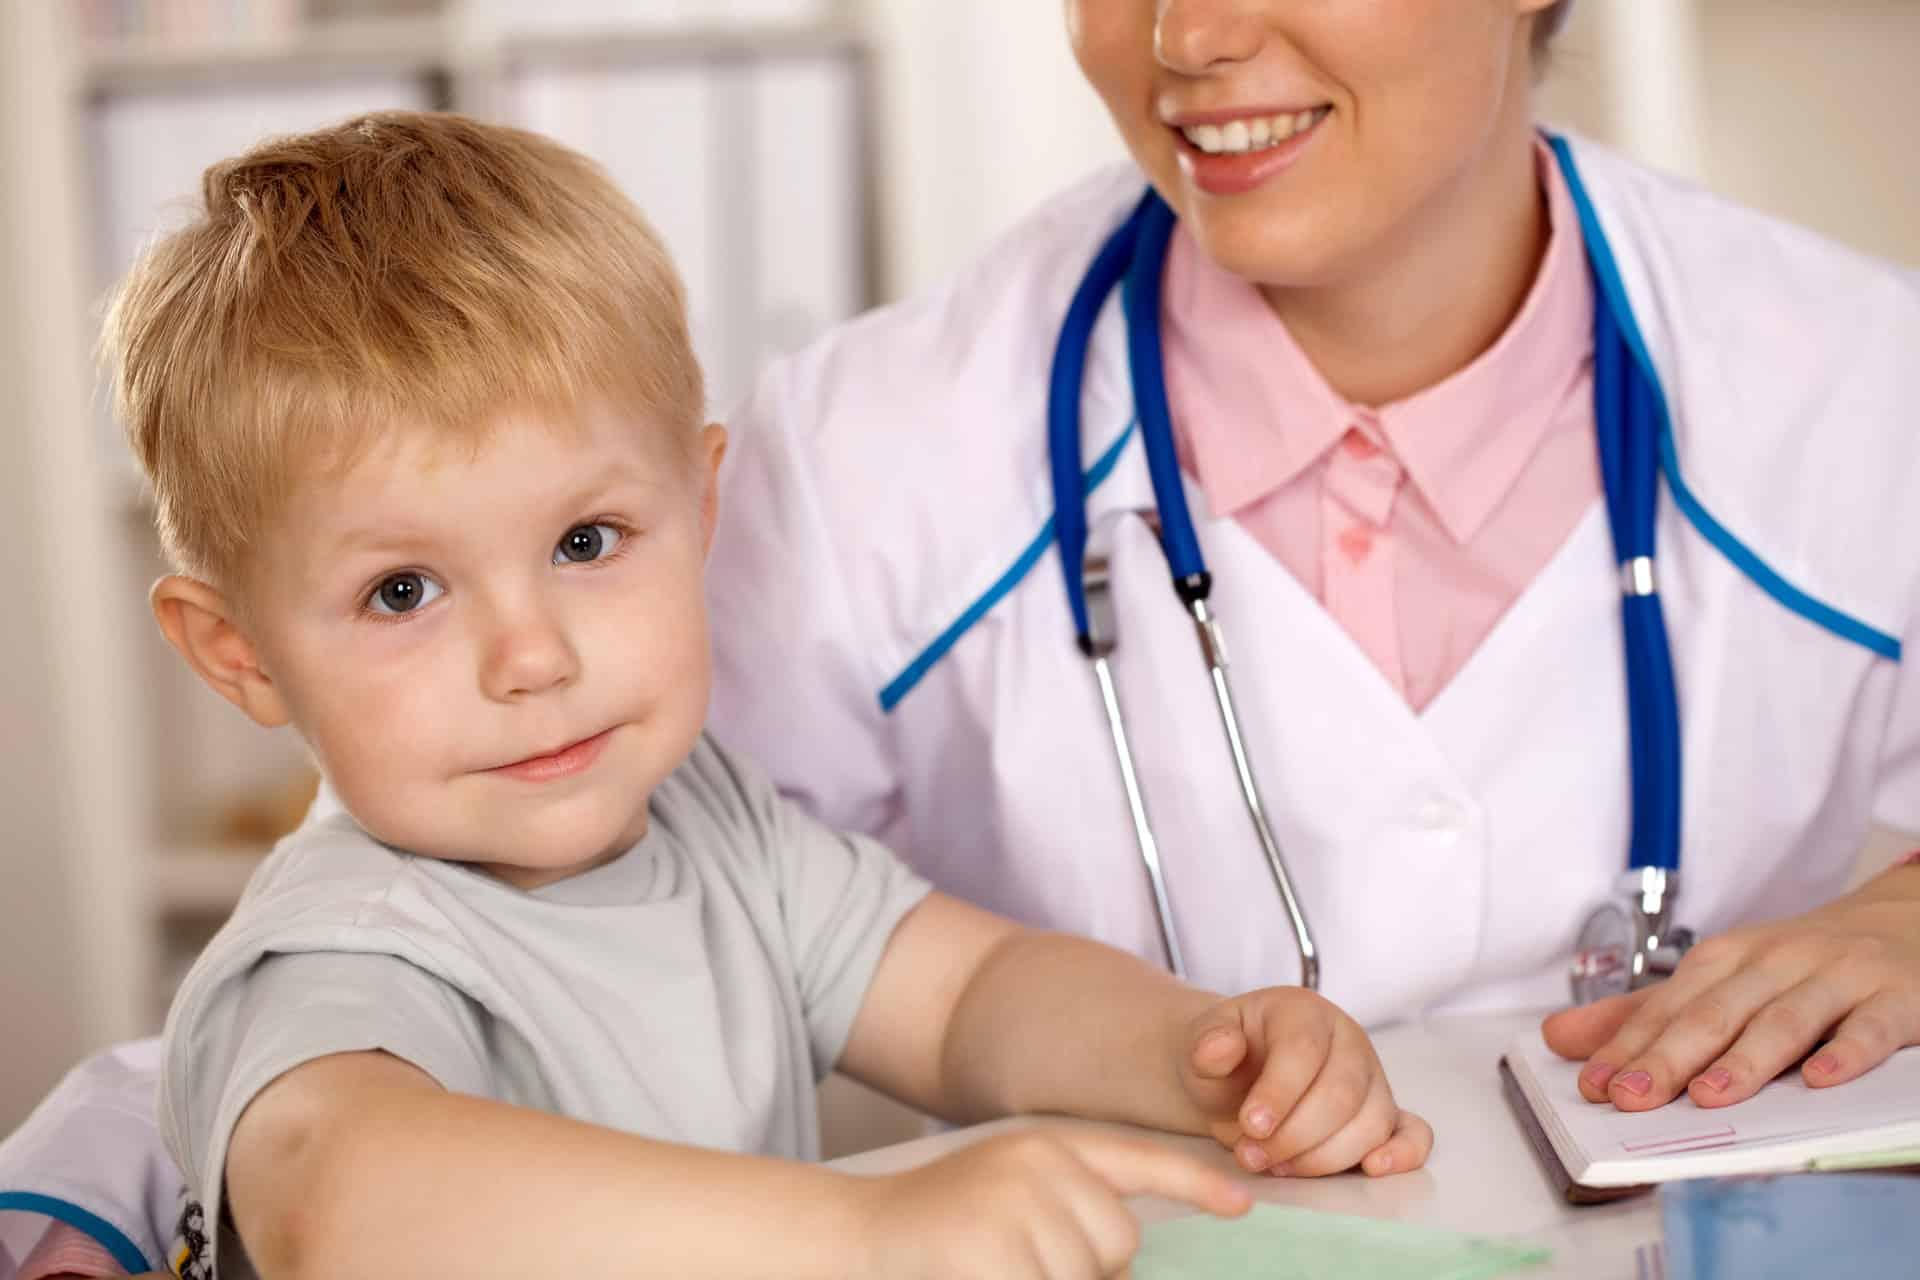 Первая помощь при развитии стеноза гортани у ребенка